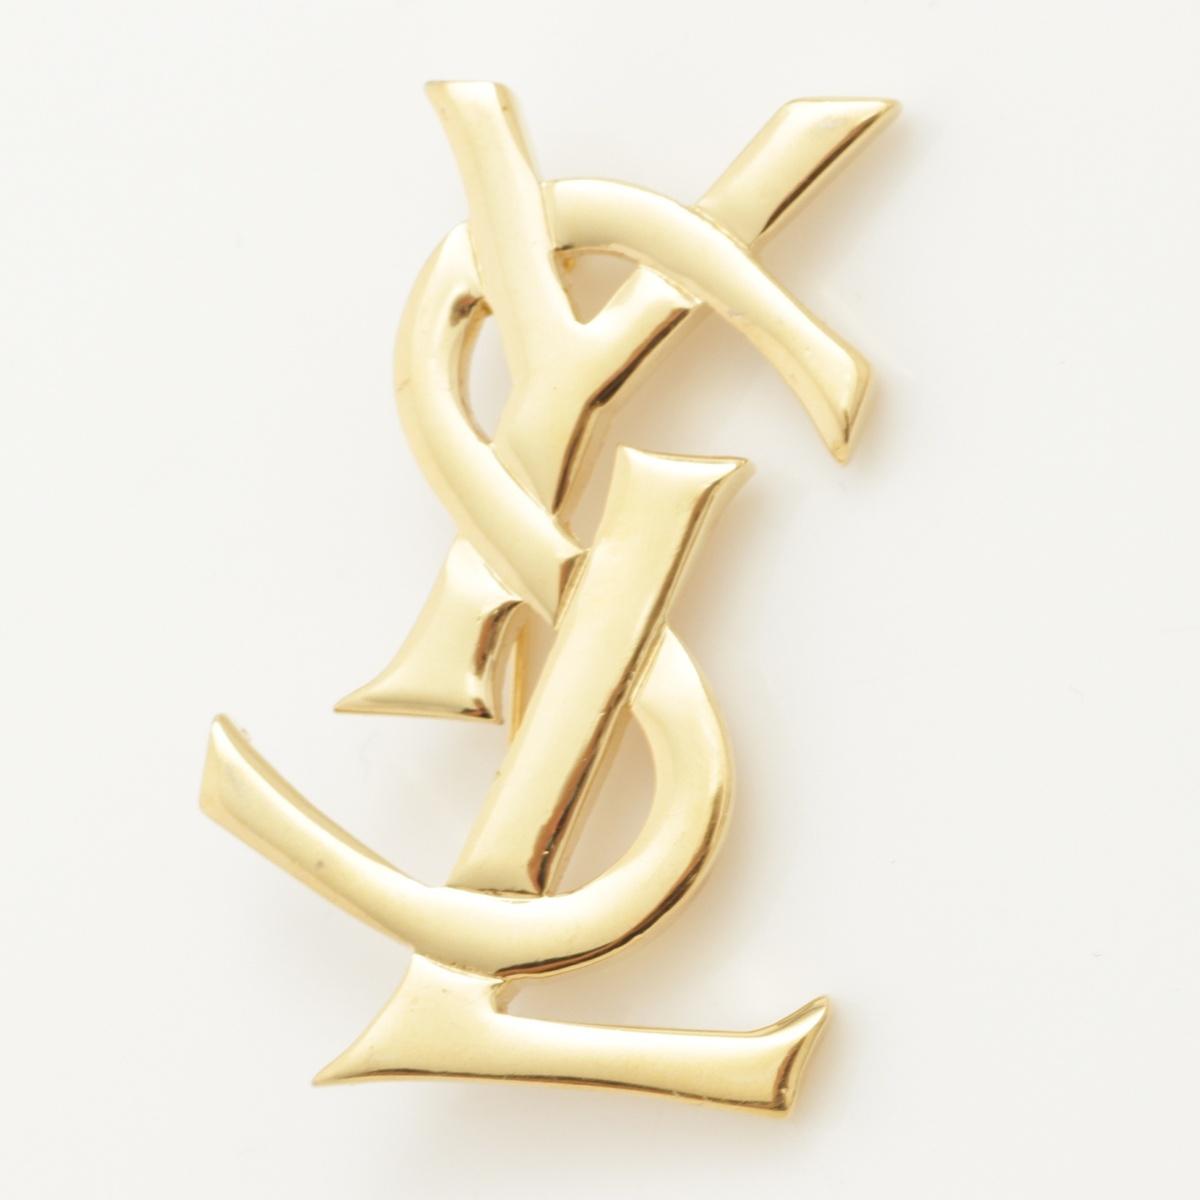 【イヴ・サンローラン】Yves Saint Laurent YSL ロゴ ブローチ ゴールド 【中古】【鑑定済・正規品保証】58645